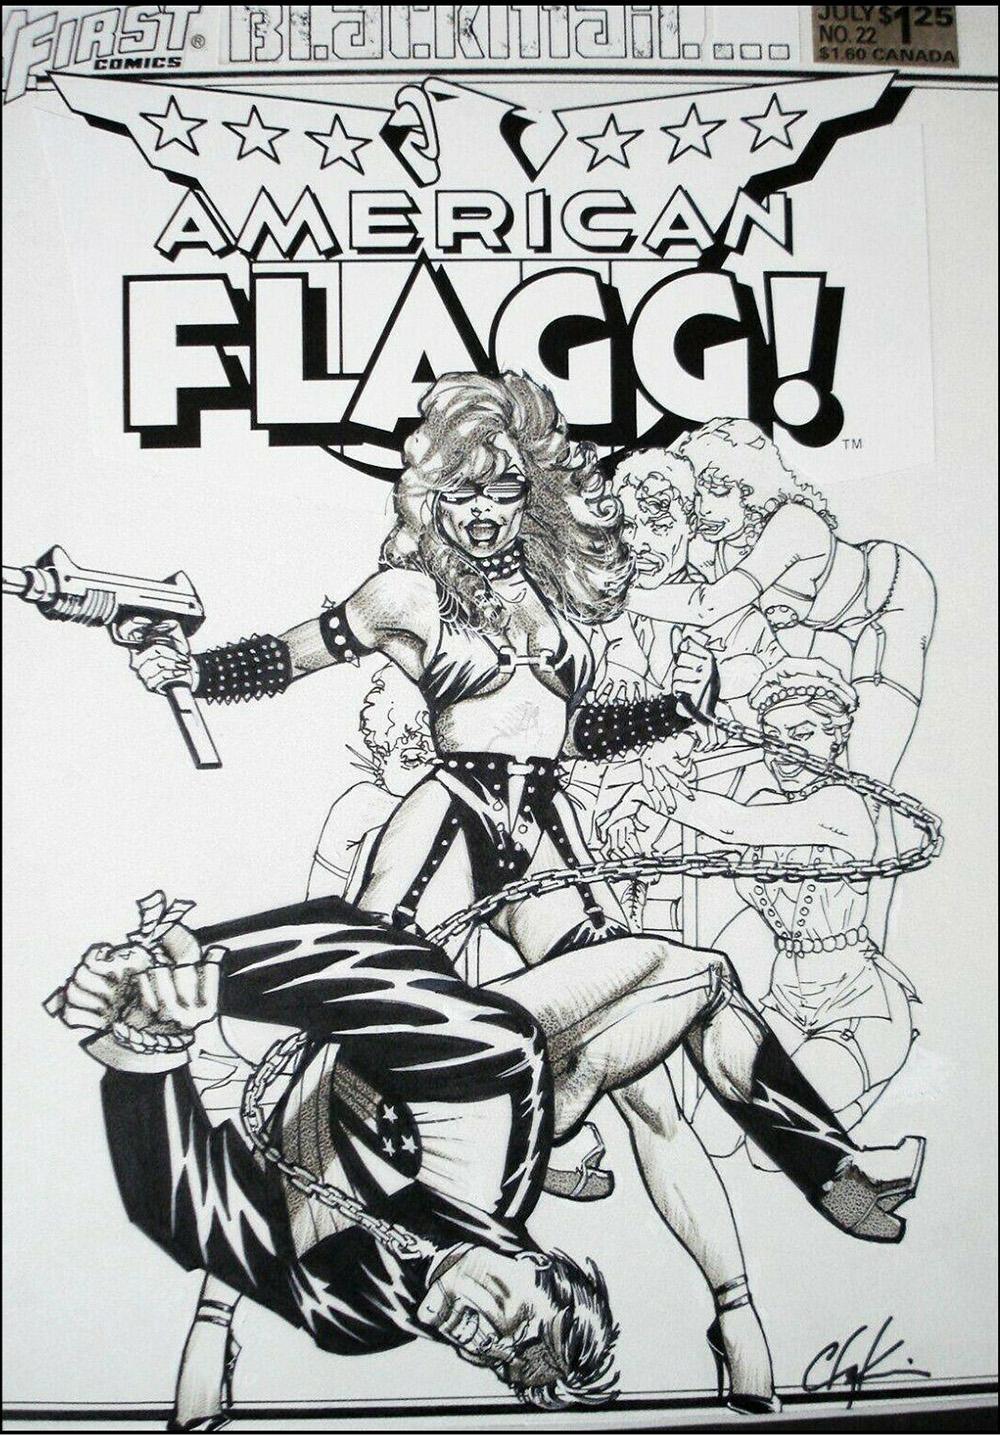 howard-chaykin-original-comic-art